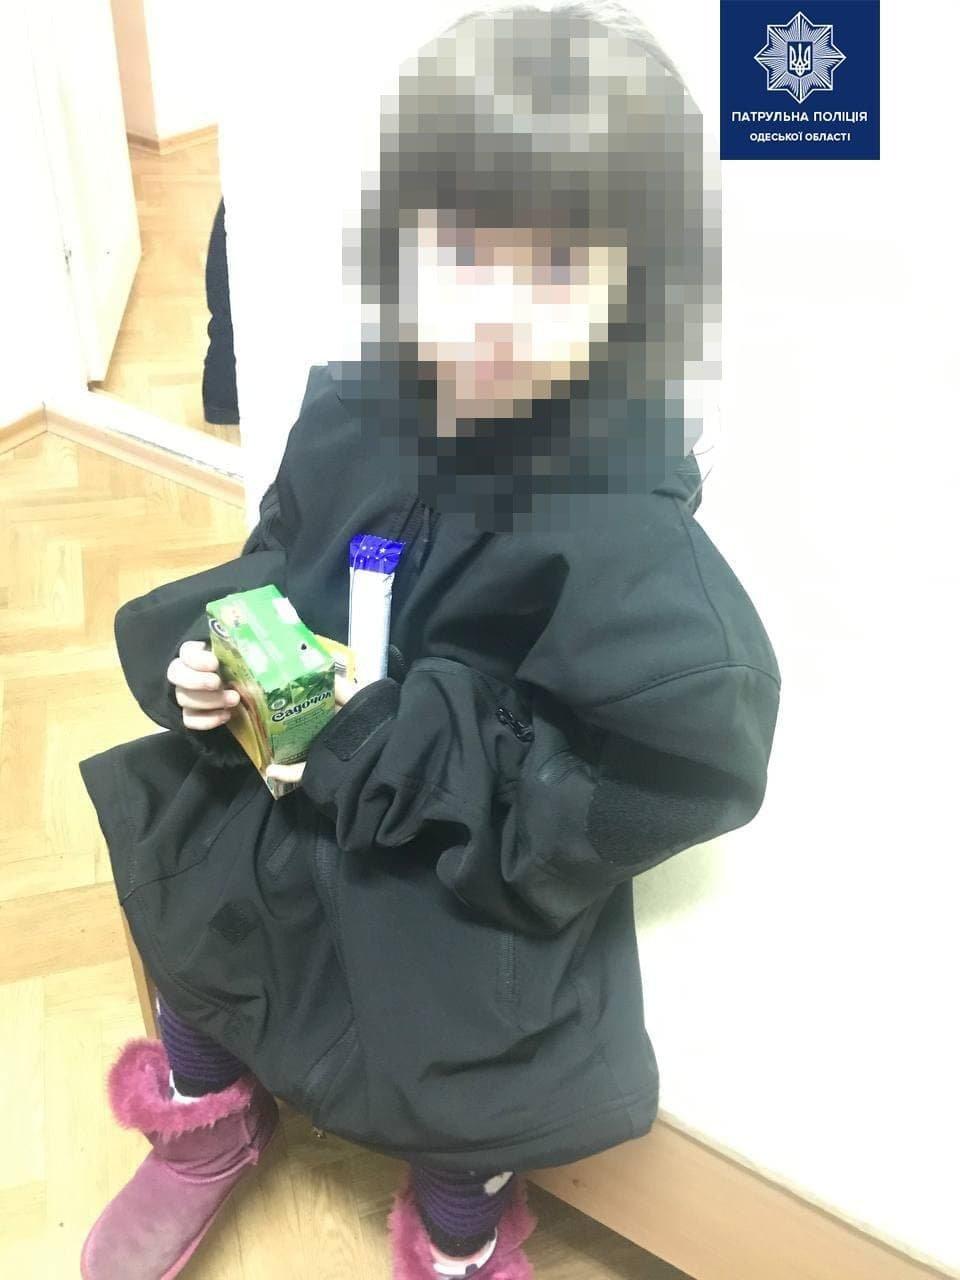 В Одессе четырехлетний ребенок гулял по улице один и без верхней одежды, - ФОТО, фото-2